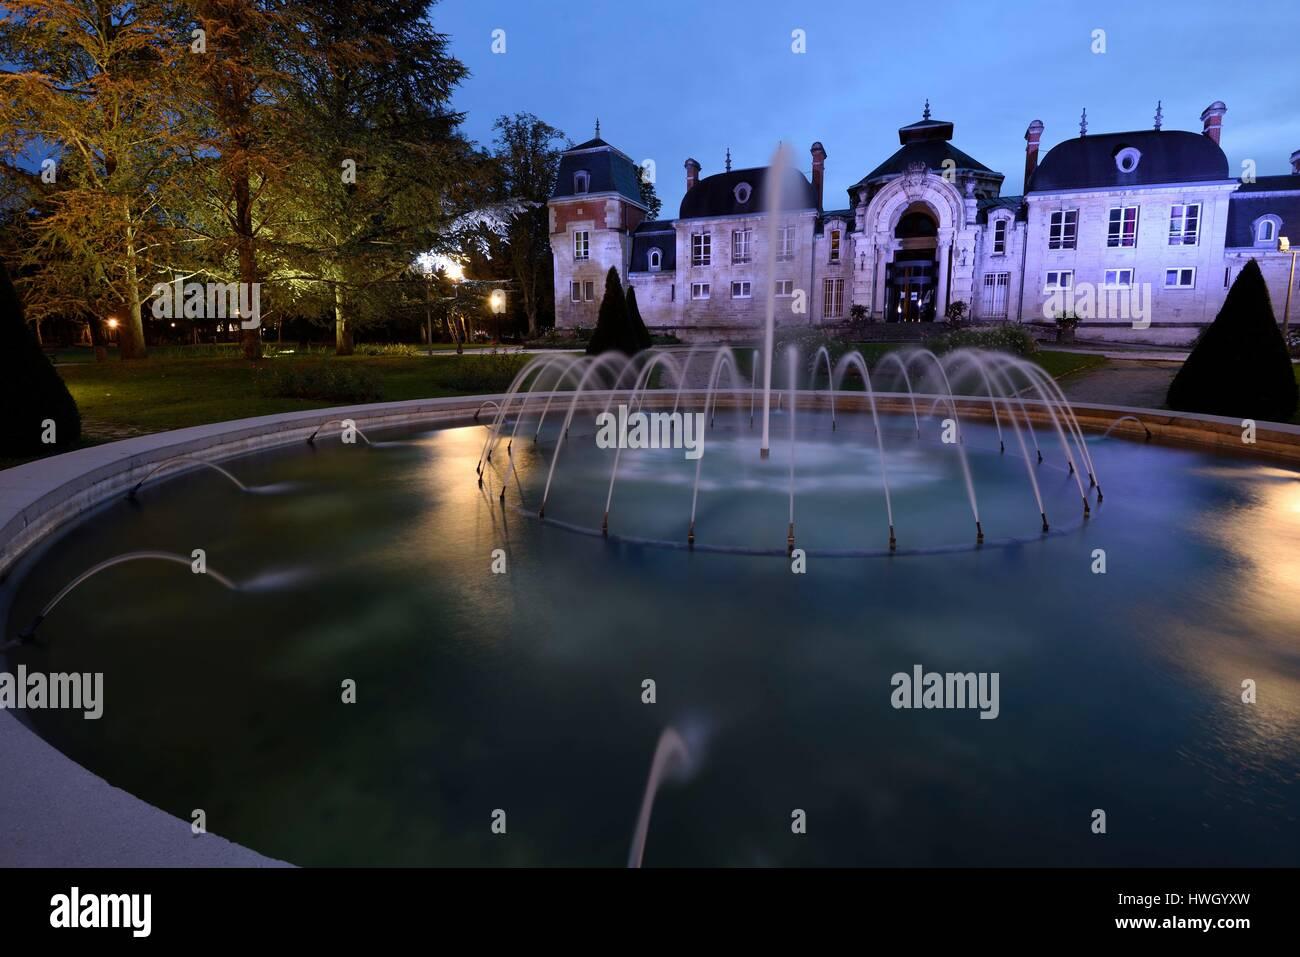 France, Jura, Lons le Saunier, Edward Guénon jardins spa, spas Ledonia en date du 19e siècle, l'étang, de l'eau jet Banque D'Images